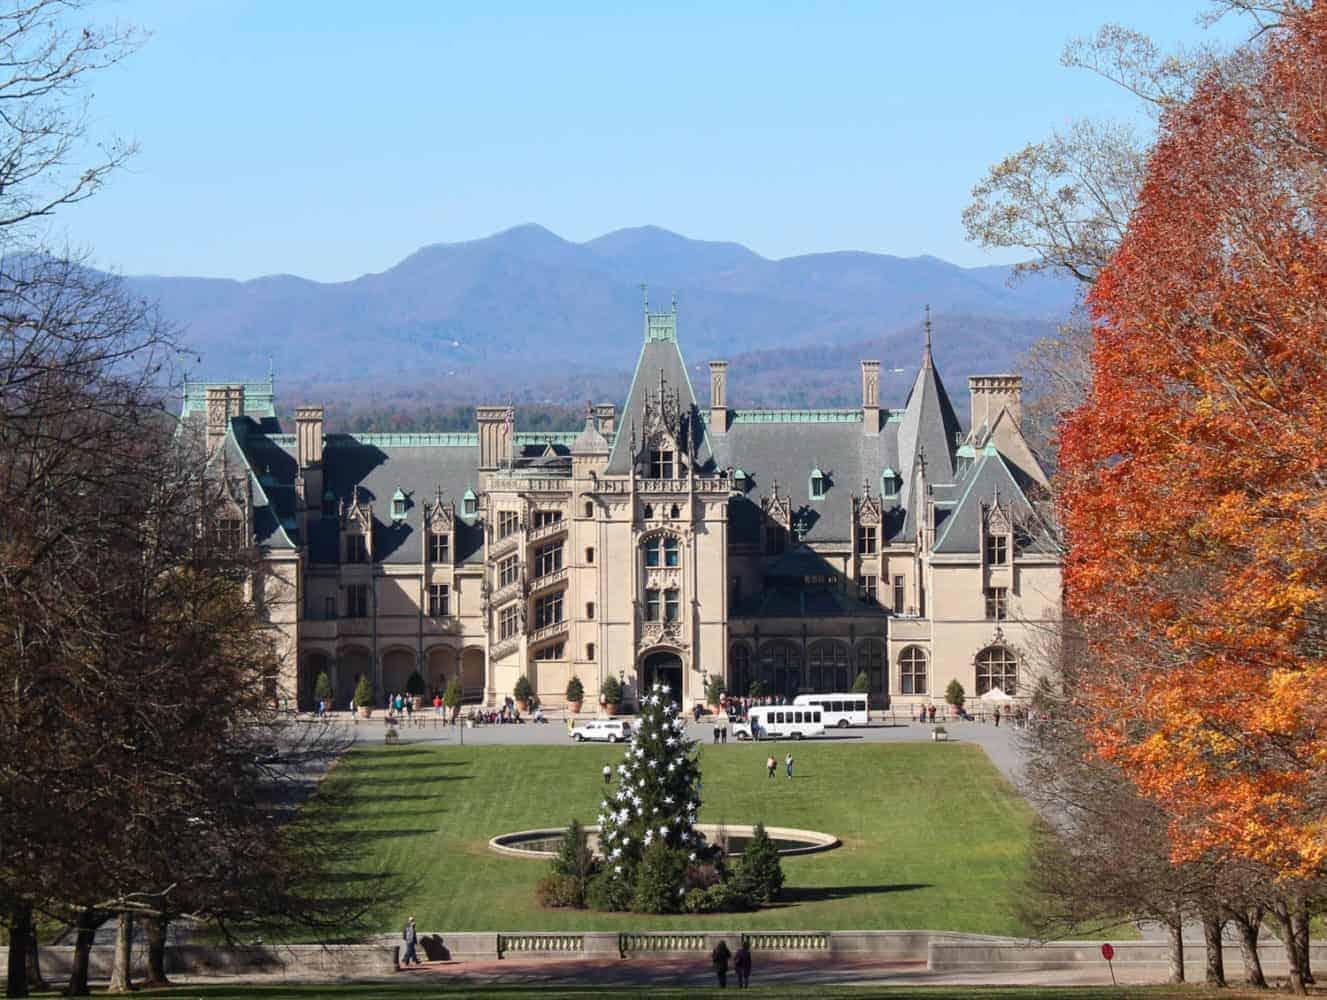 Biltmore Estate in Asheville NC